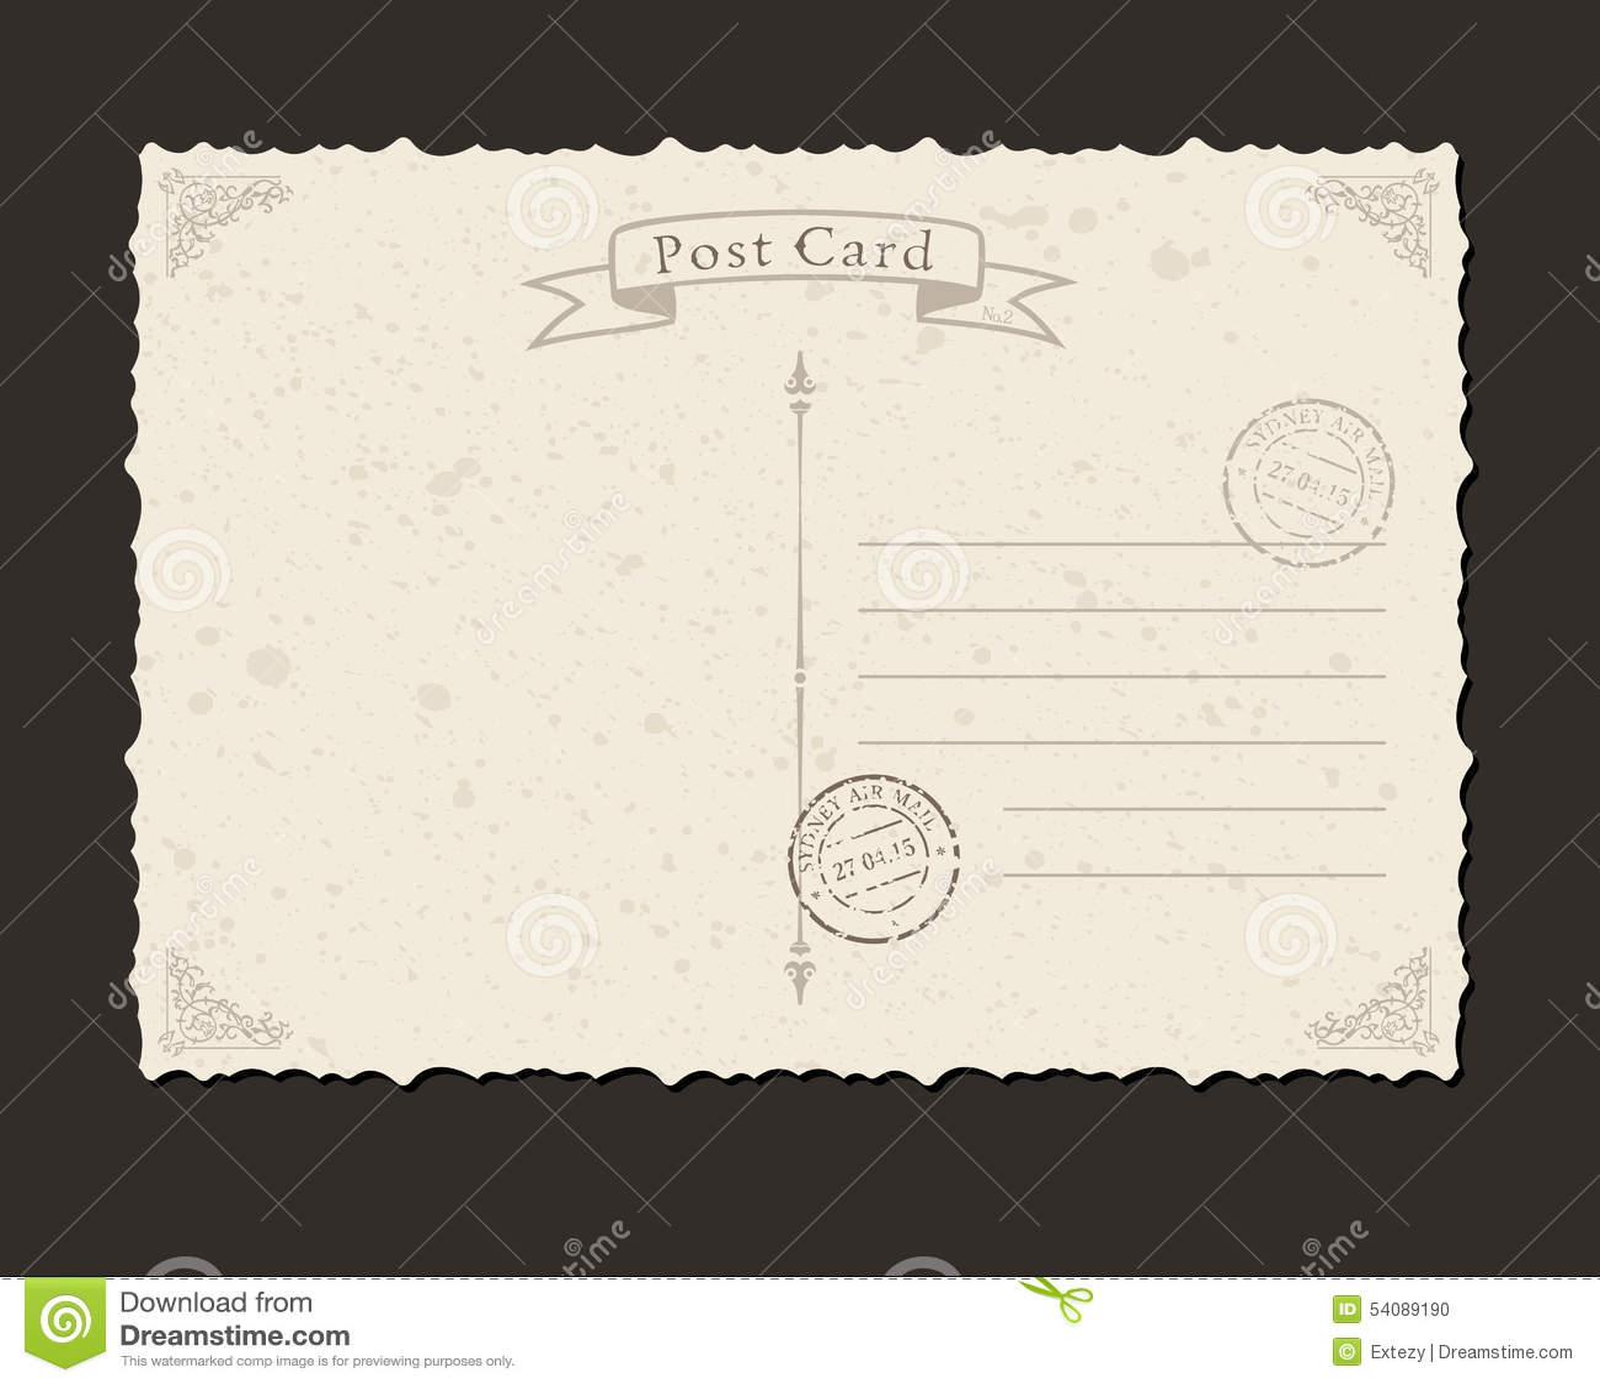 Grungeprentbriefkaar en postzegel Ontwerp